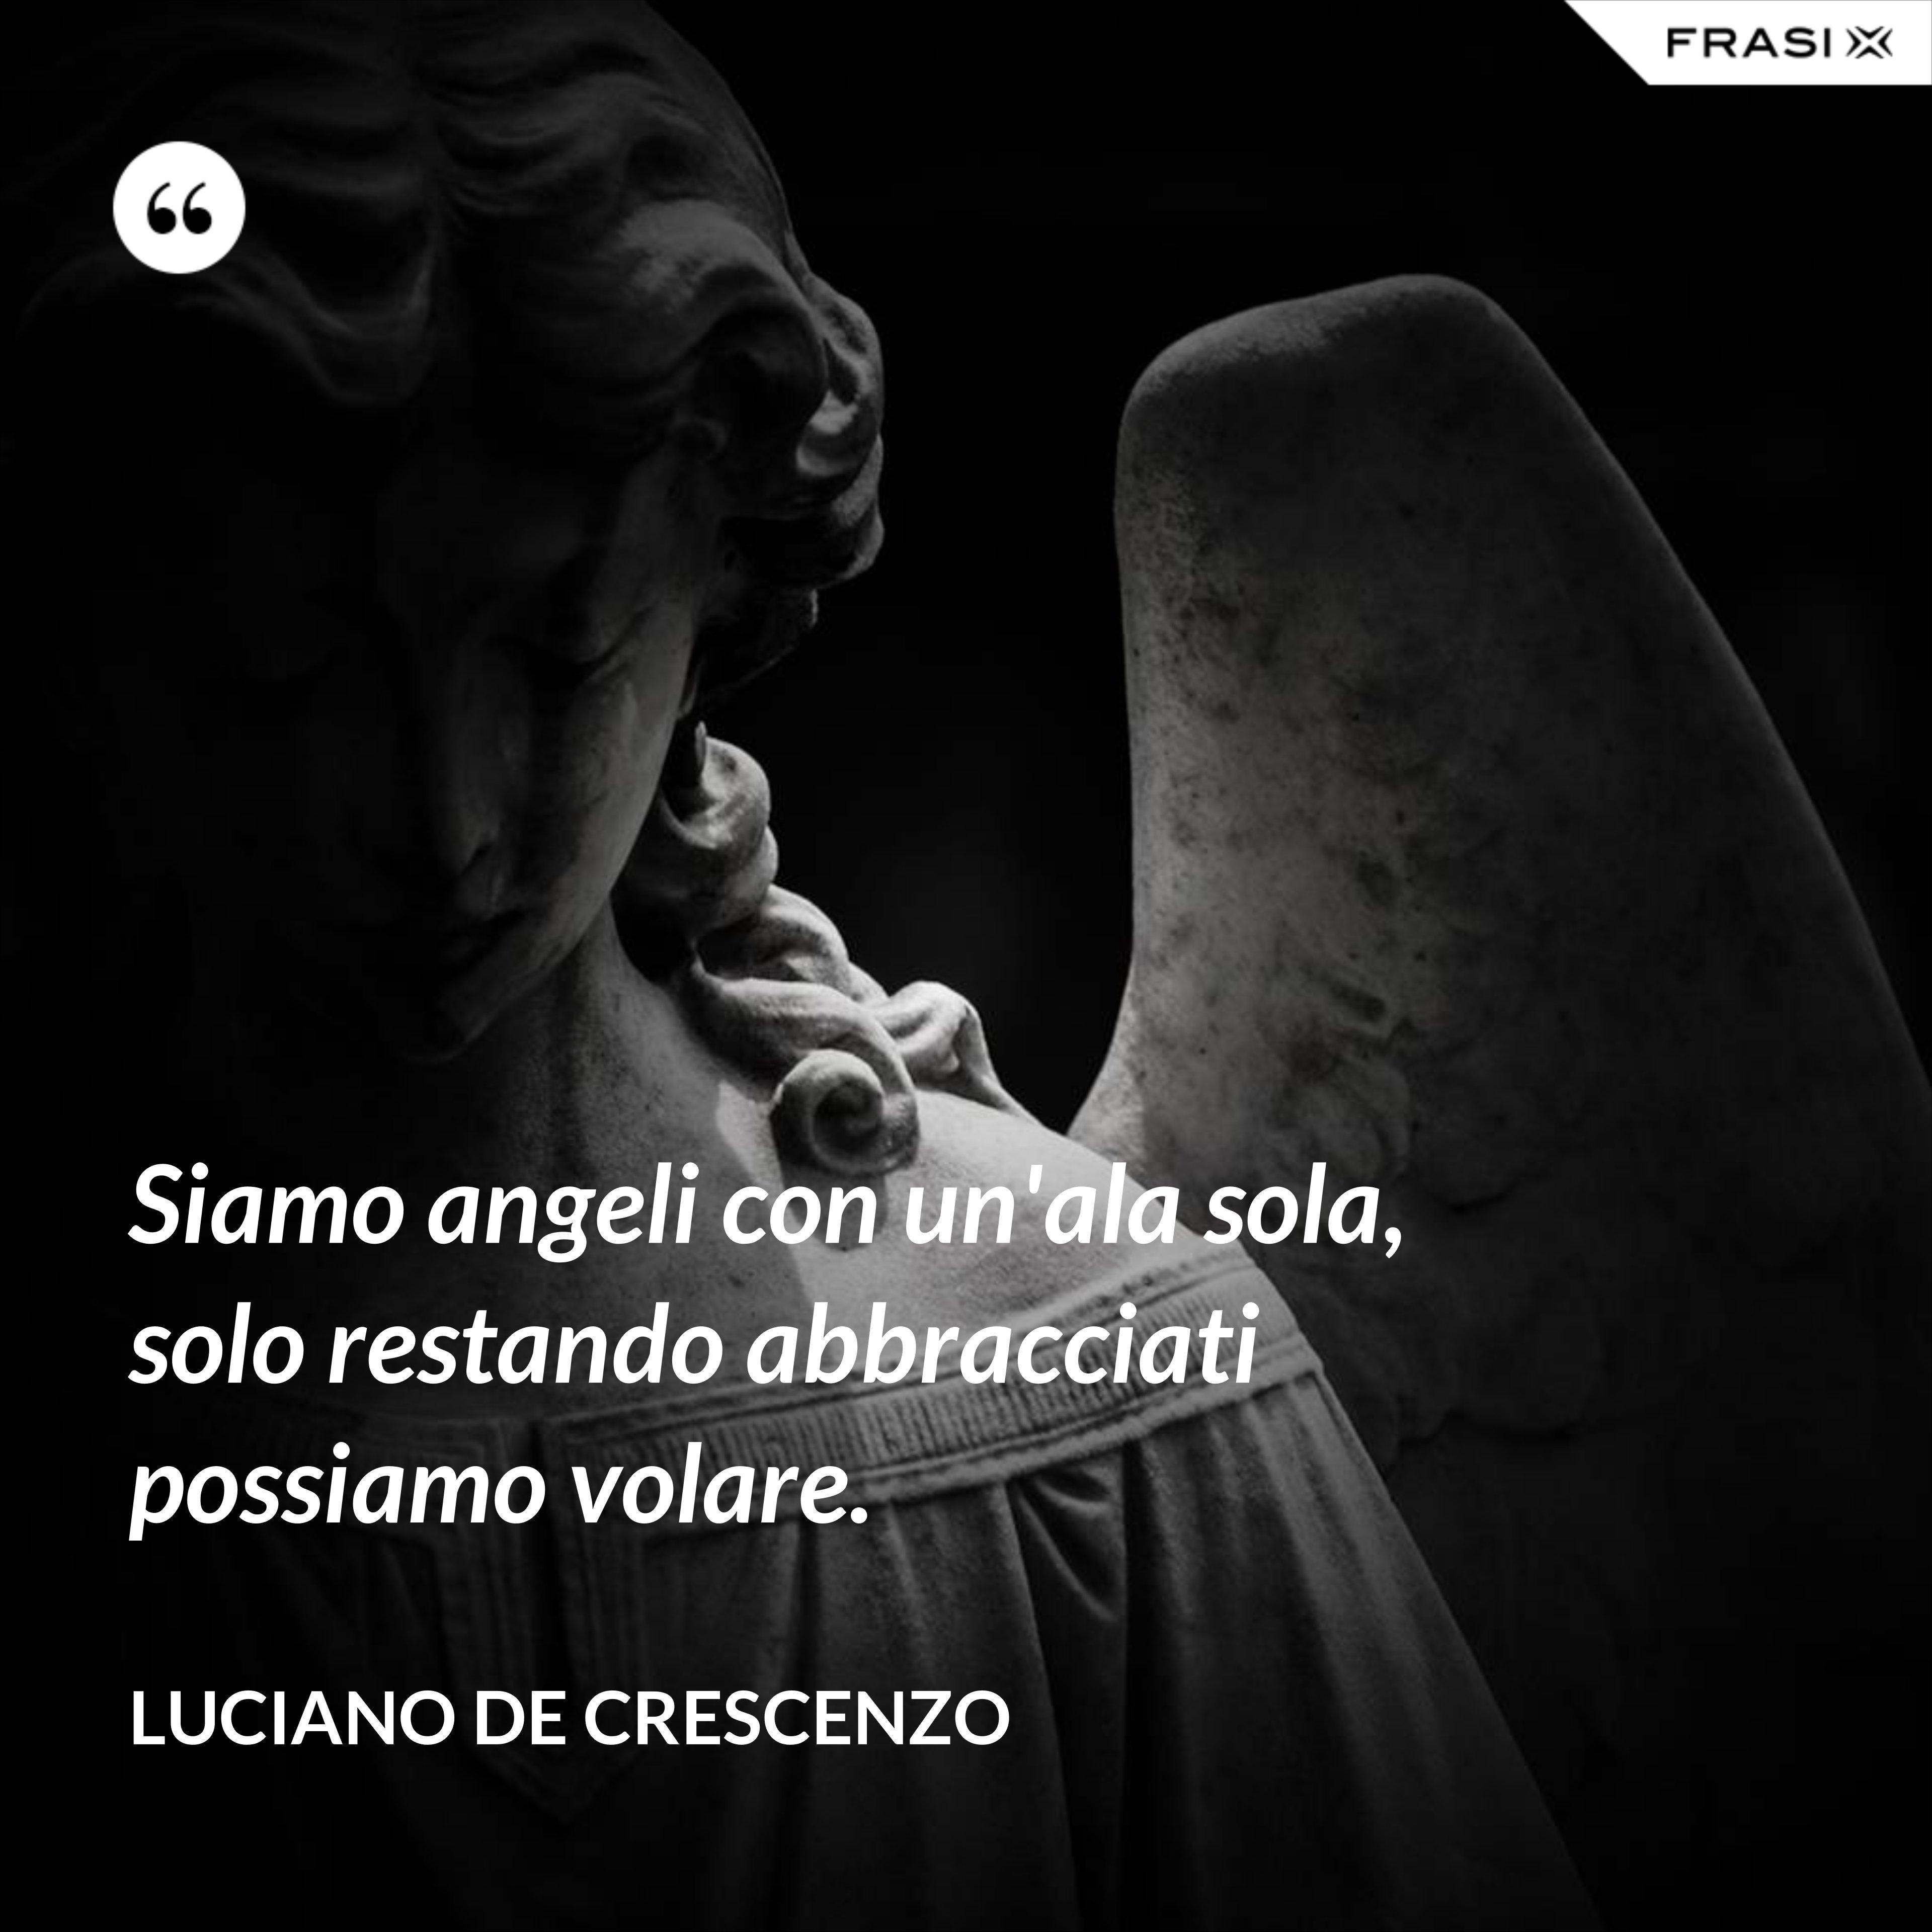 Siamo angeli con un'ala sola, solo restando abbracciati possiamo volare. - Luciano De Crescenzo